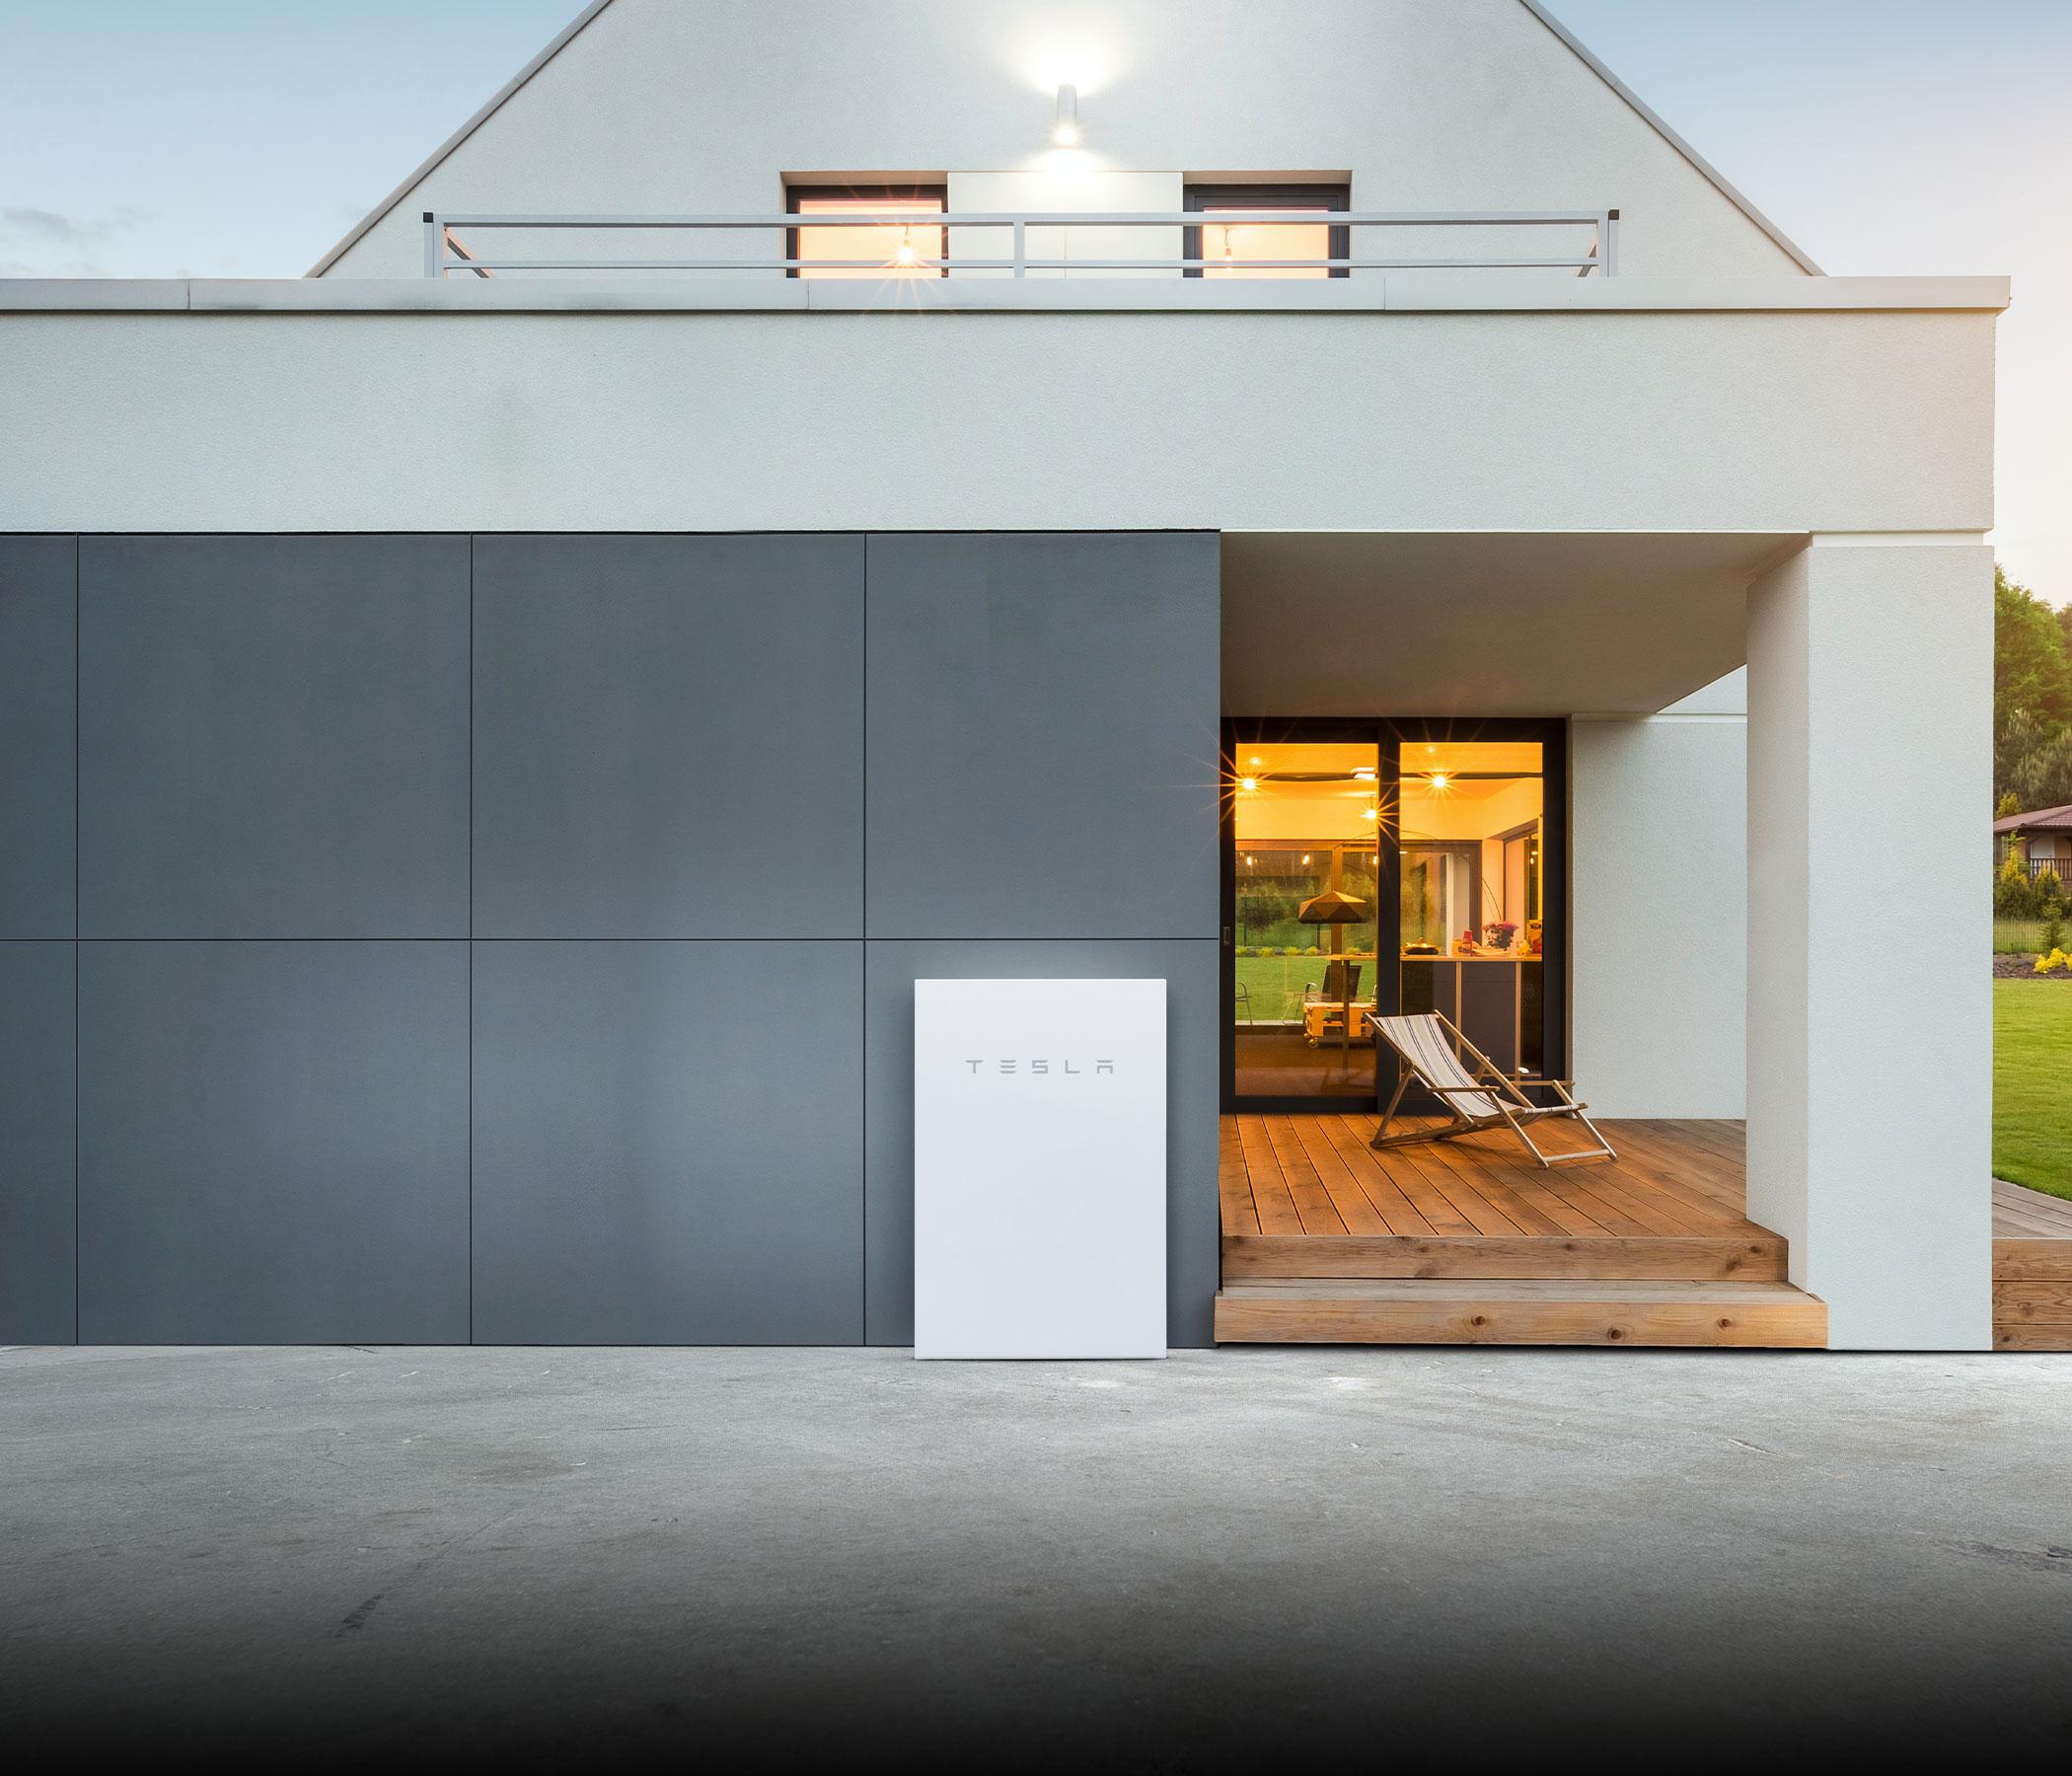 Tesla energy house 2